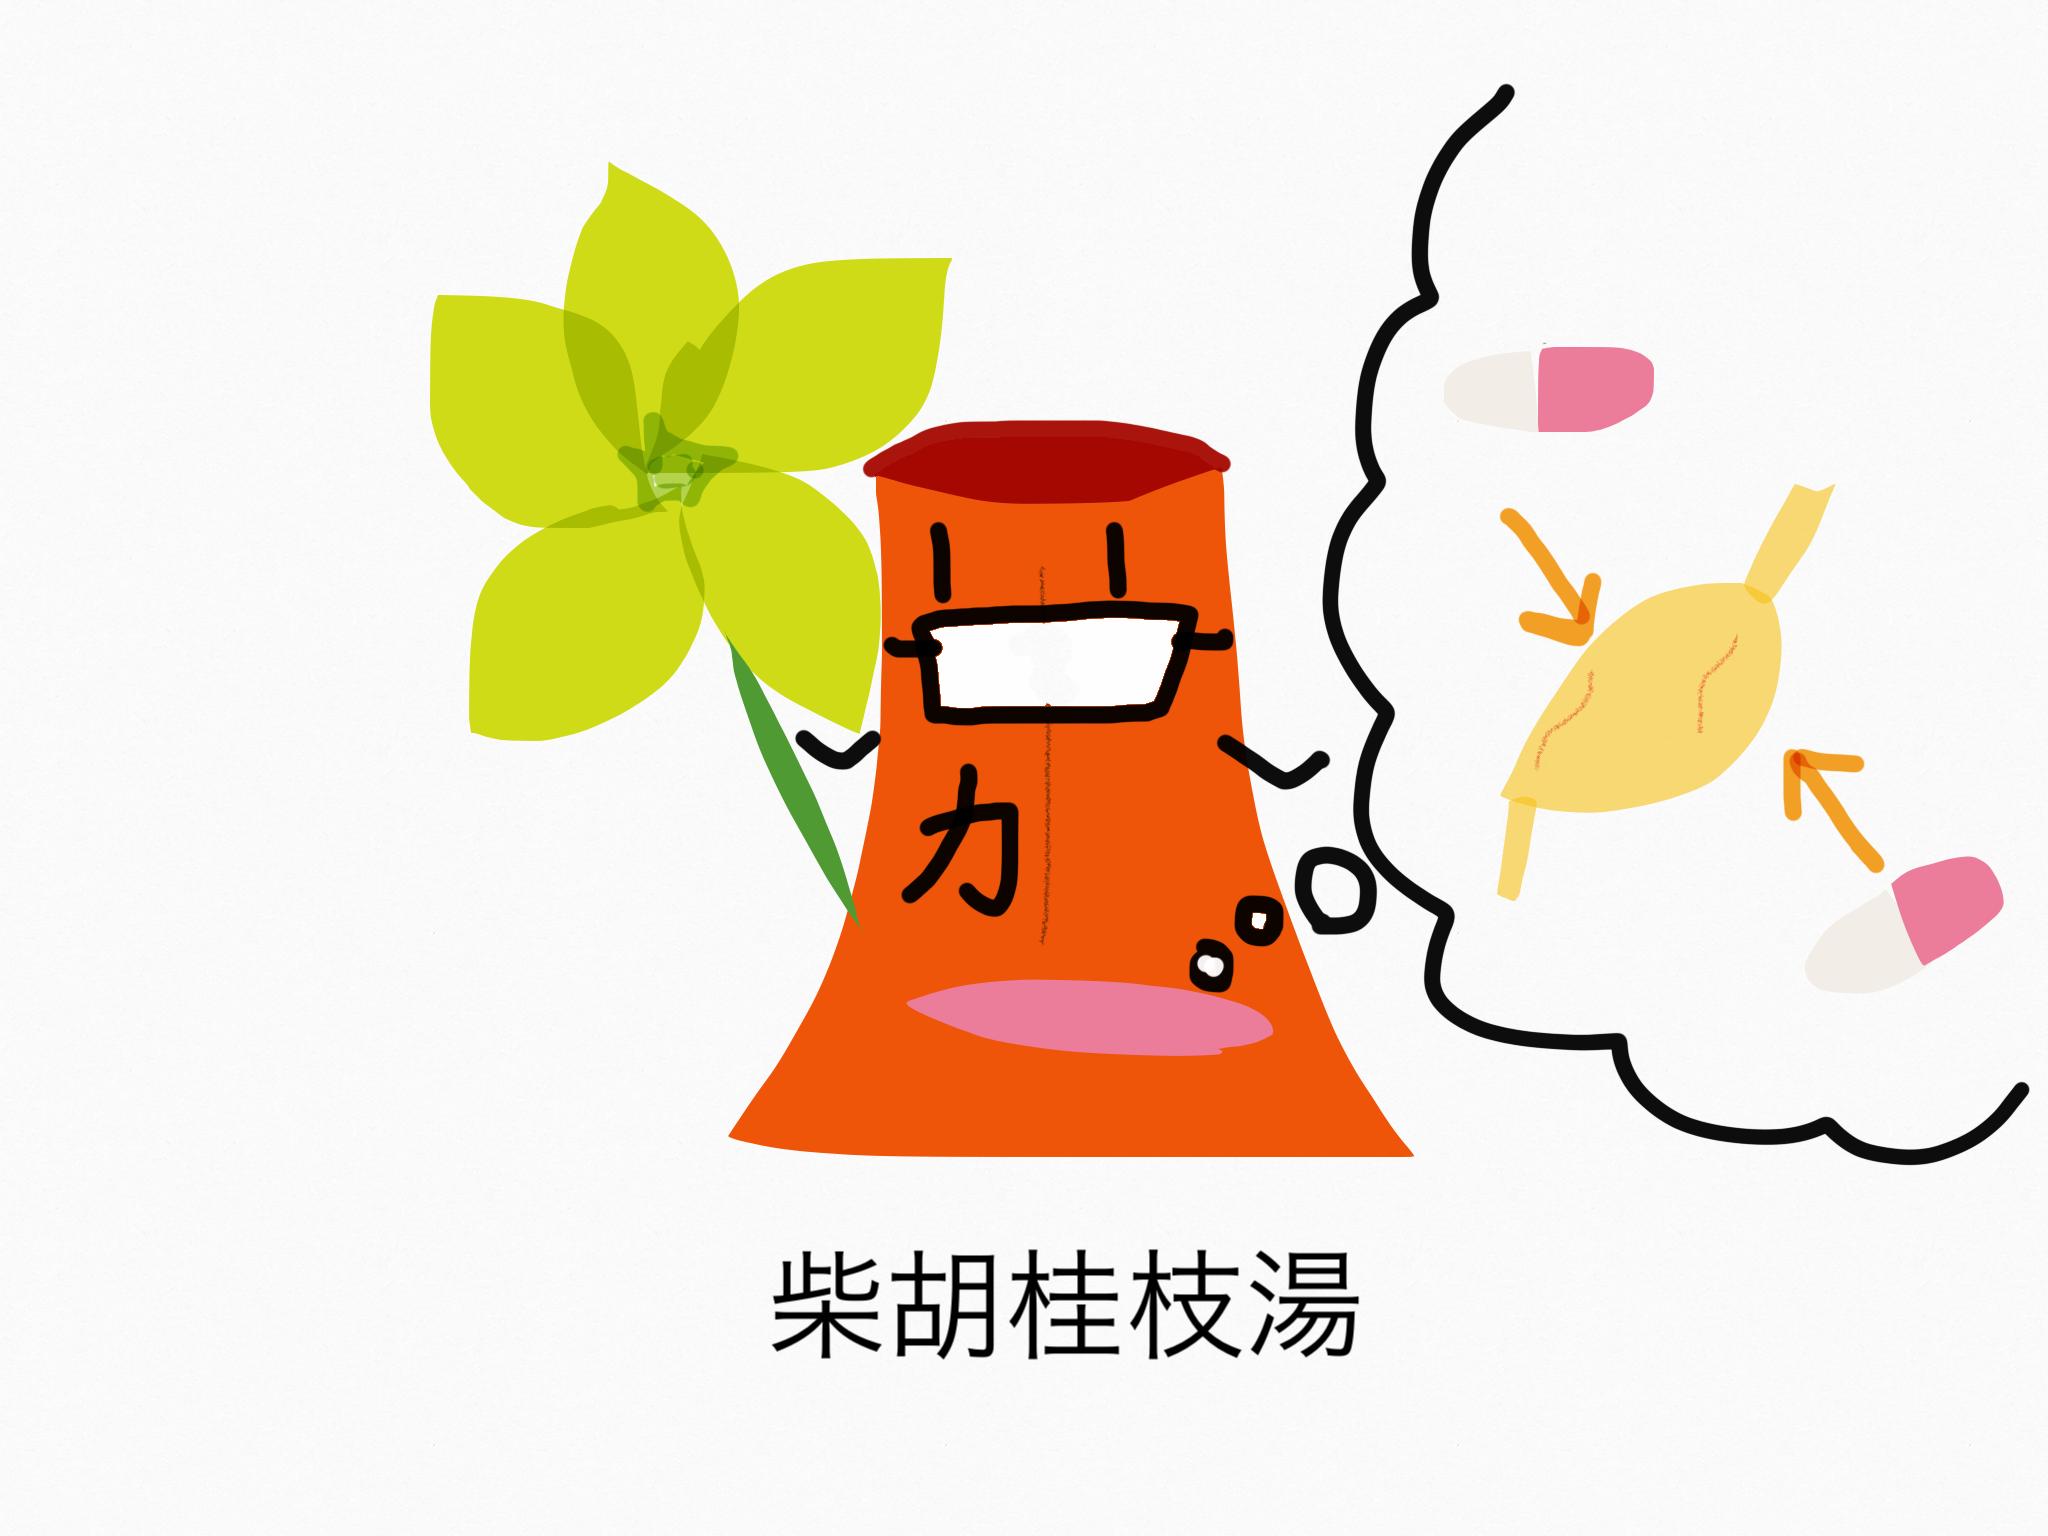 柴胡桂枝湯(さいこけいしとう)[かぜ]【漢方の覚え方】